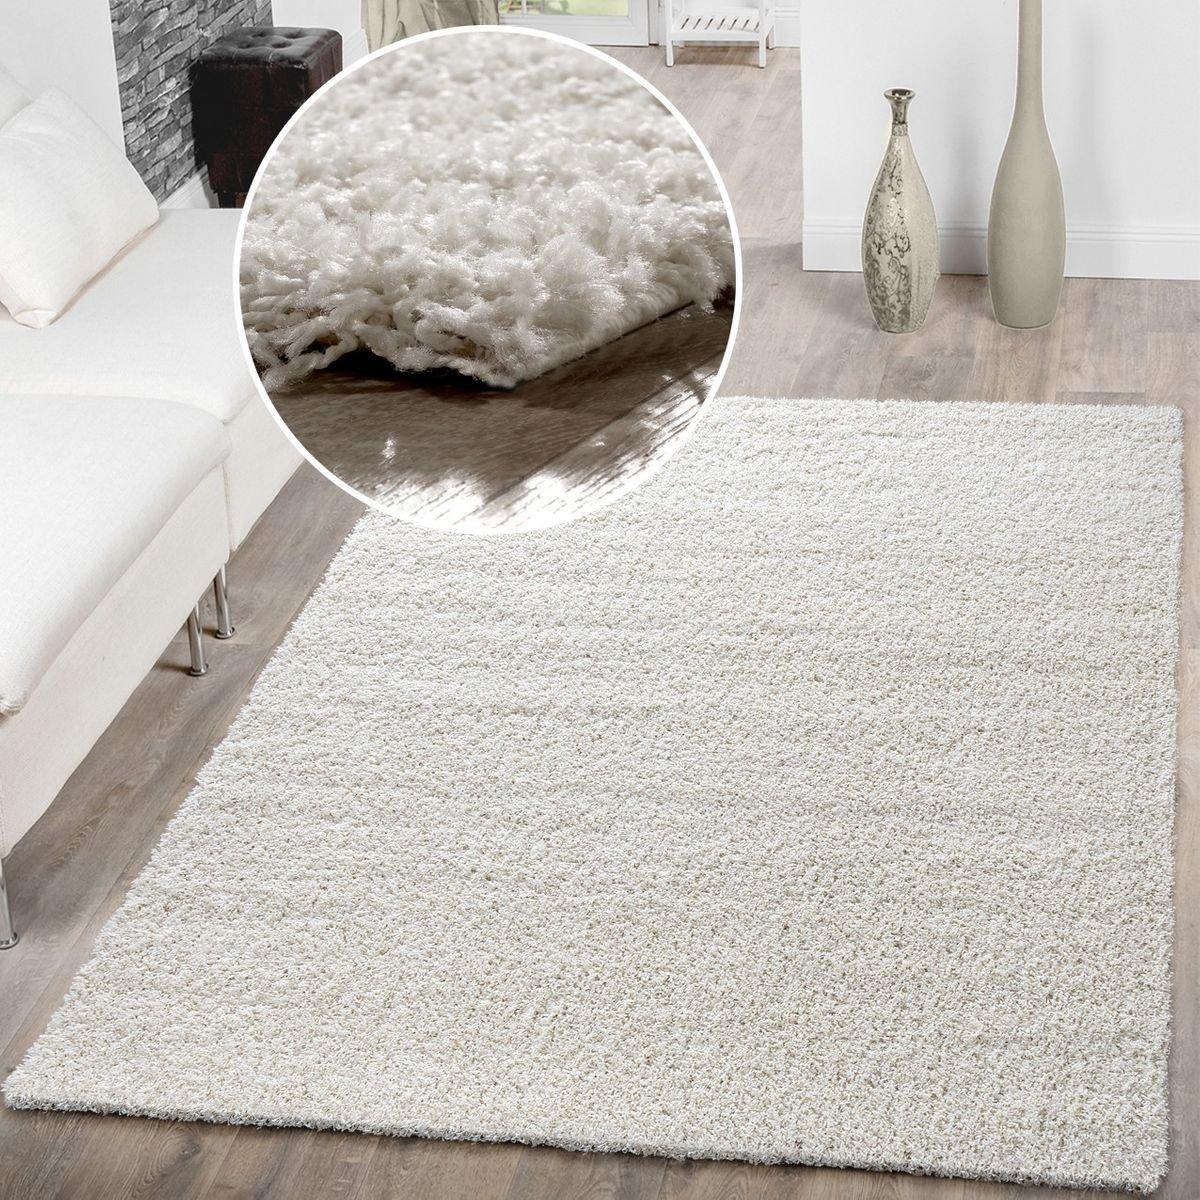 T&T Design Alfombra Shaggy De Pelo Largo para Salón A Precio Inmejorable, Größe:40x60